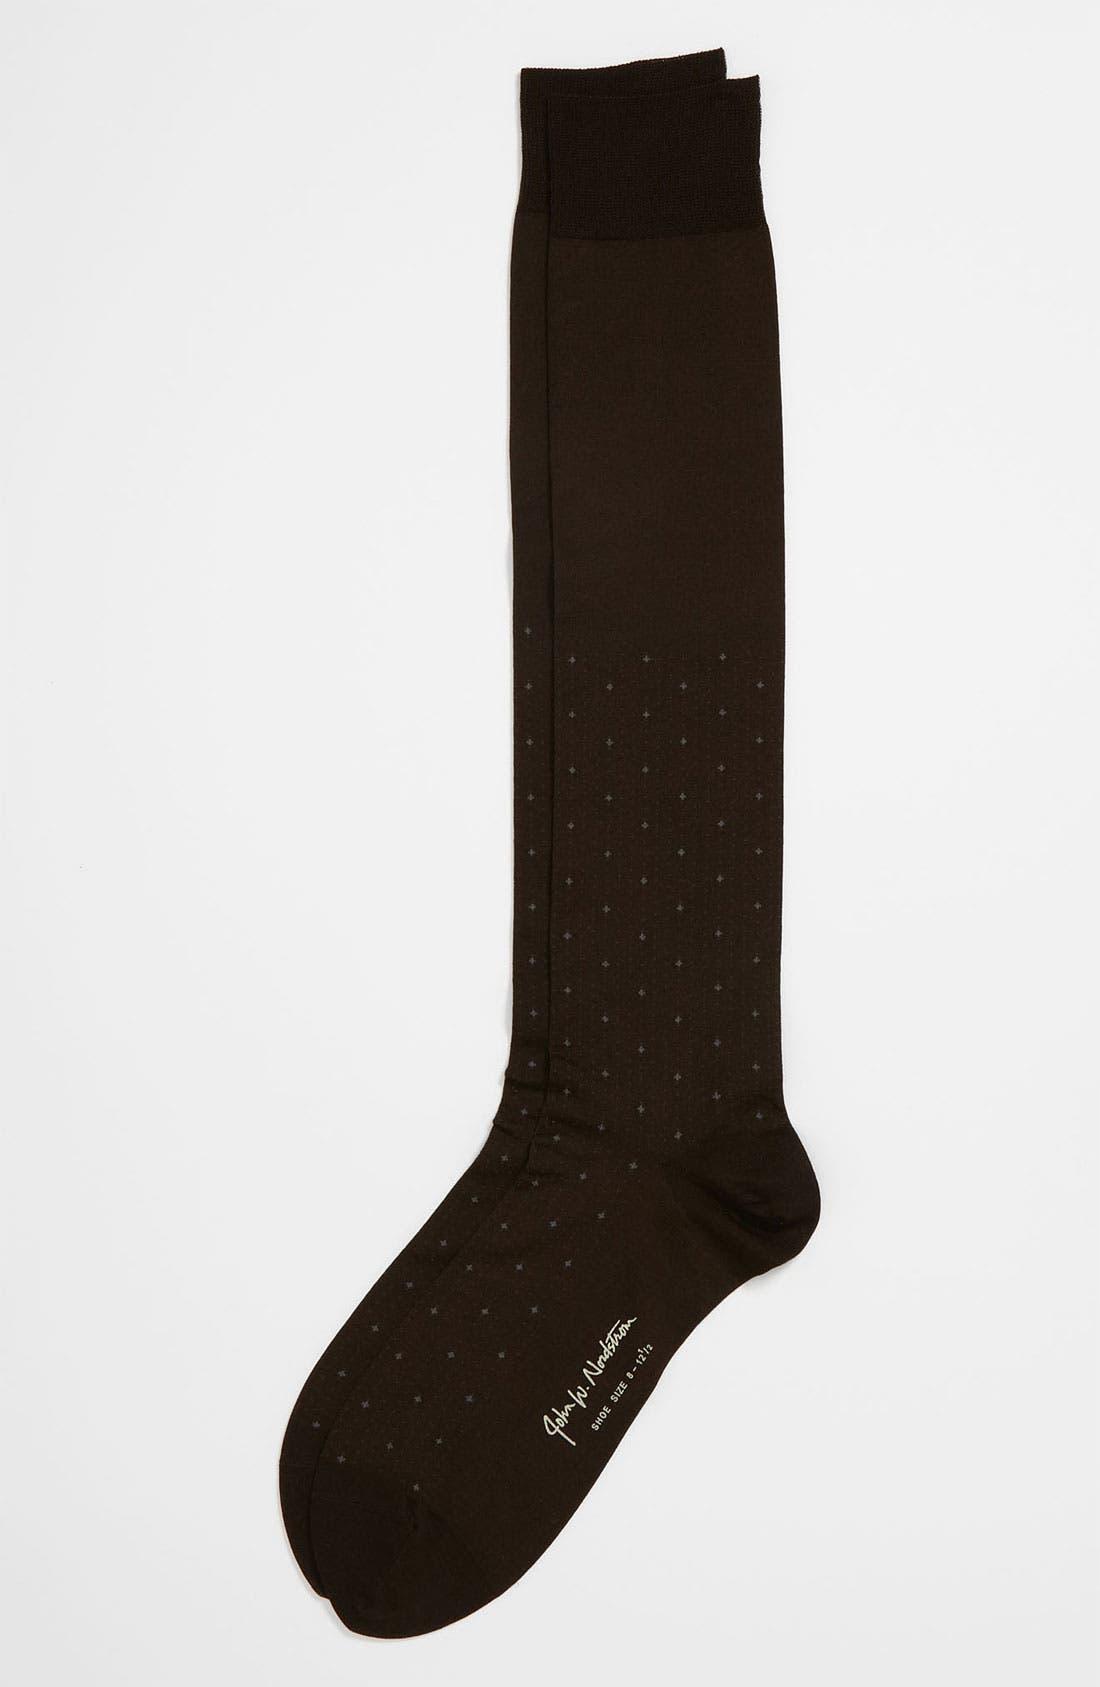 Alternate Image 1 Selected - John W. Nordstrom® Over the Calf Socks